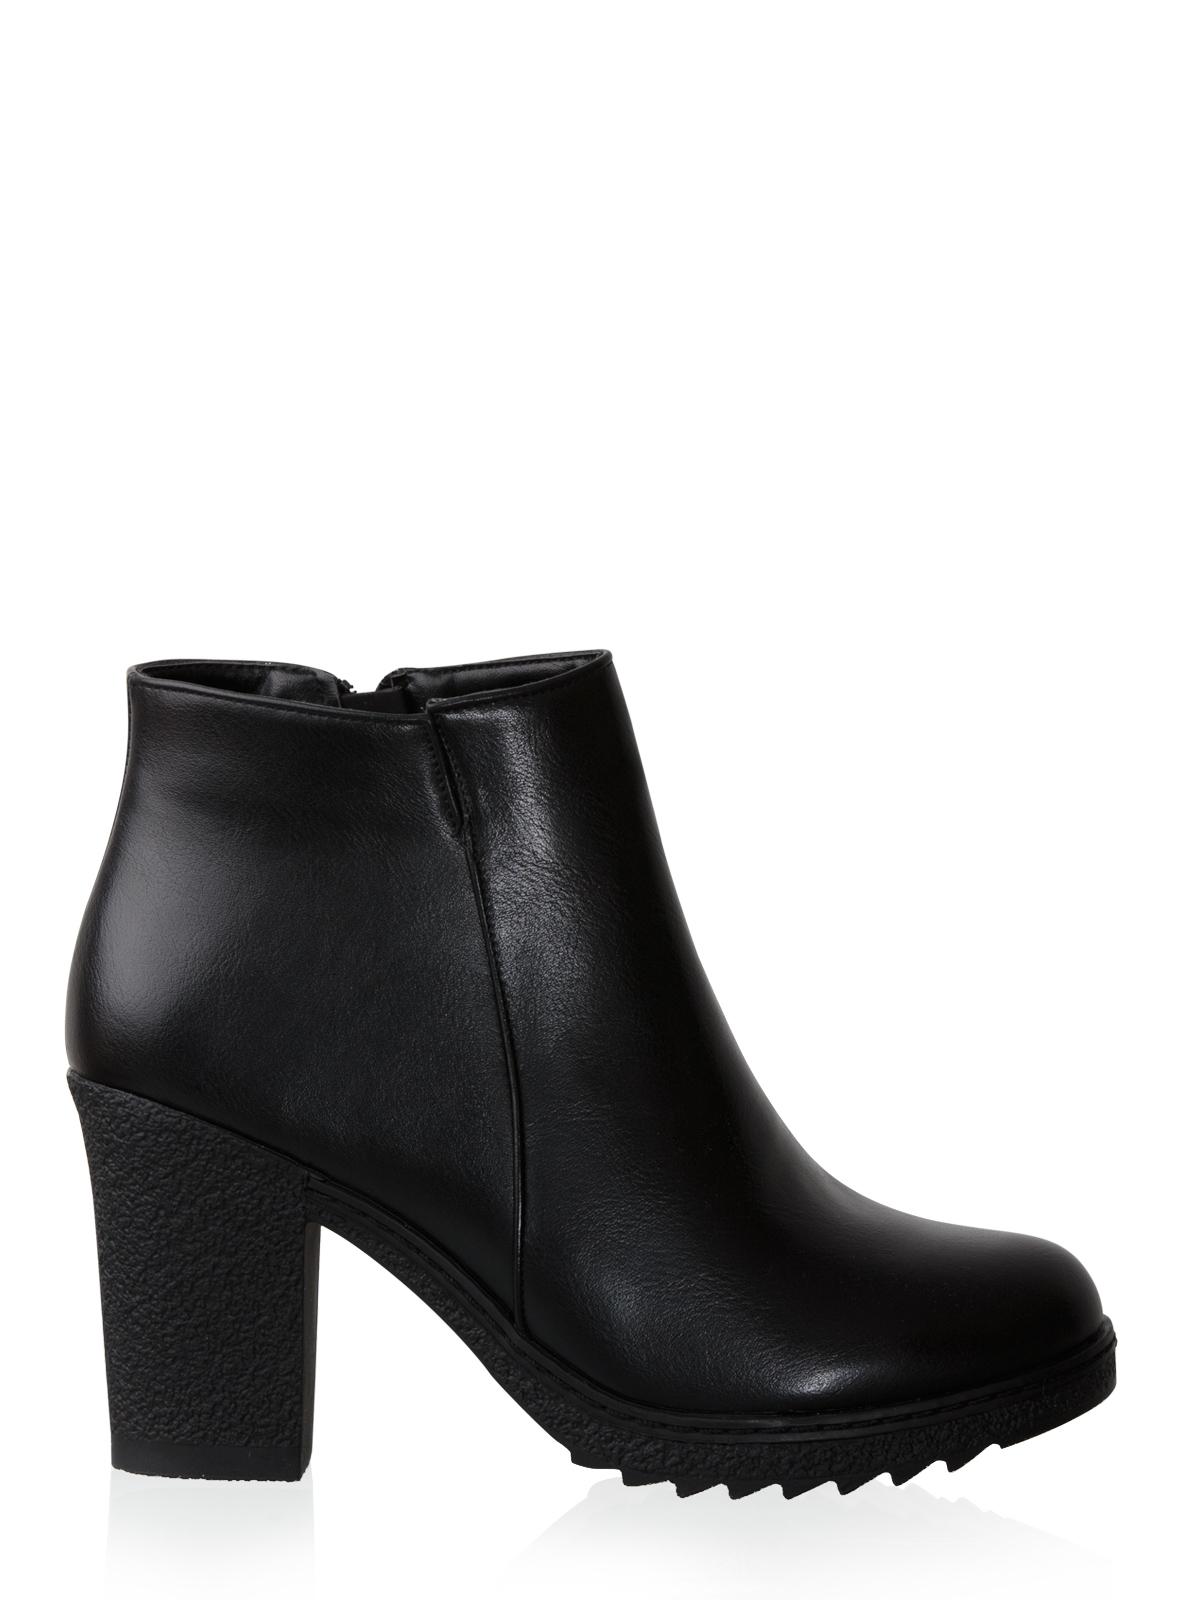 Μποτάκι με Μεσαίο Τακούνι-Μαύρο γυναικεία   παπούτσια   μποτάκια